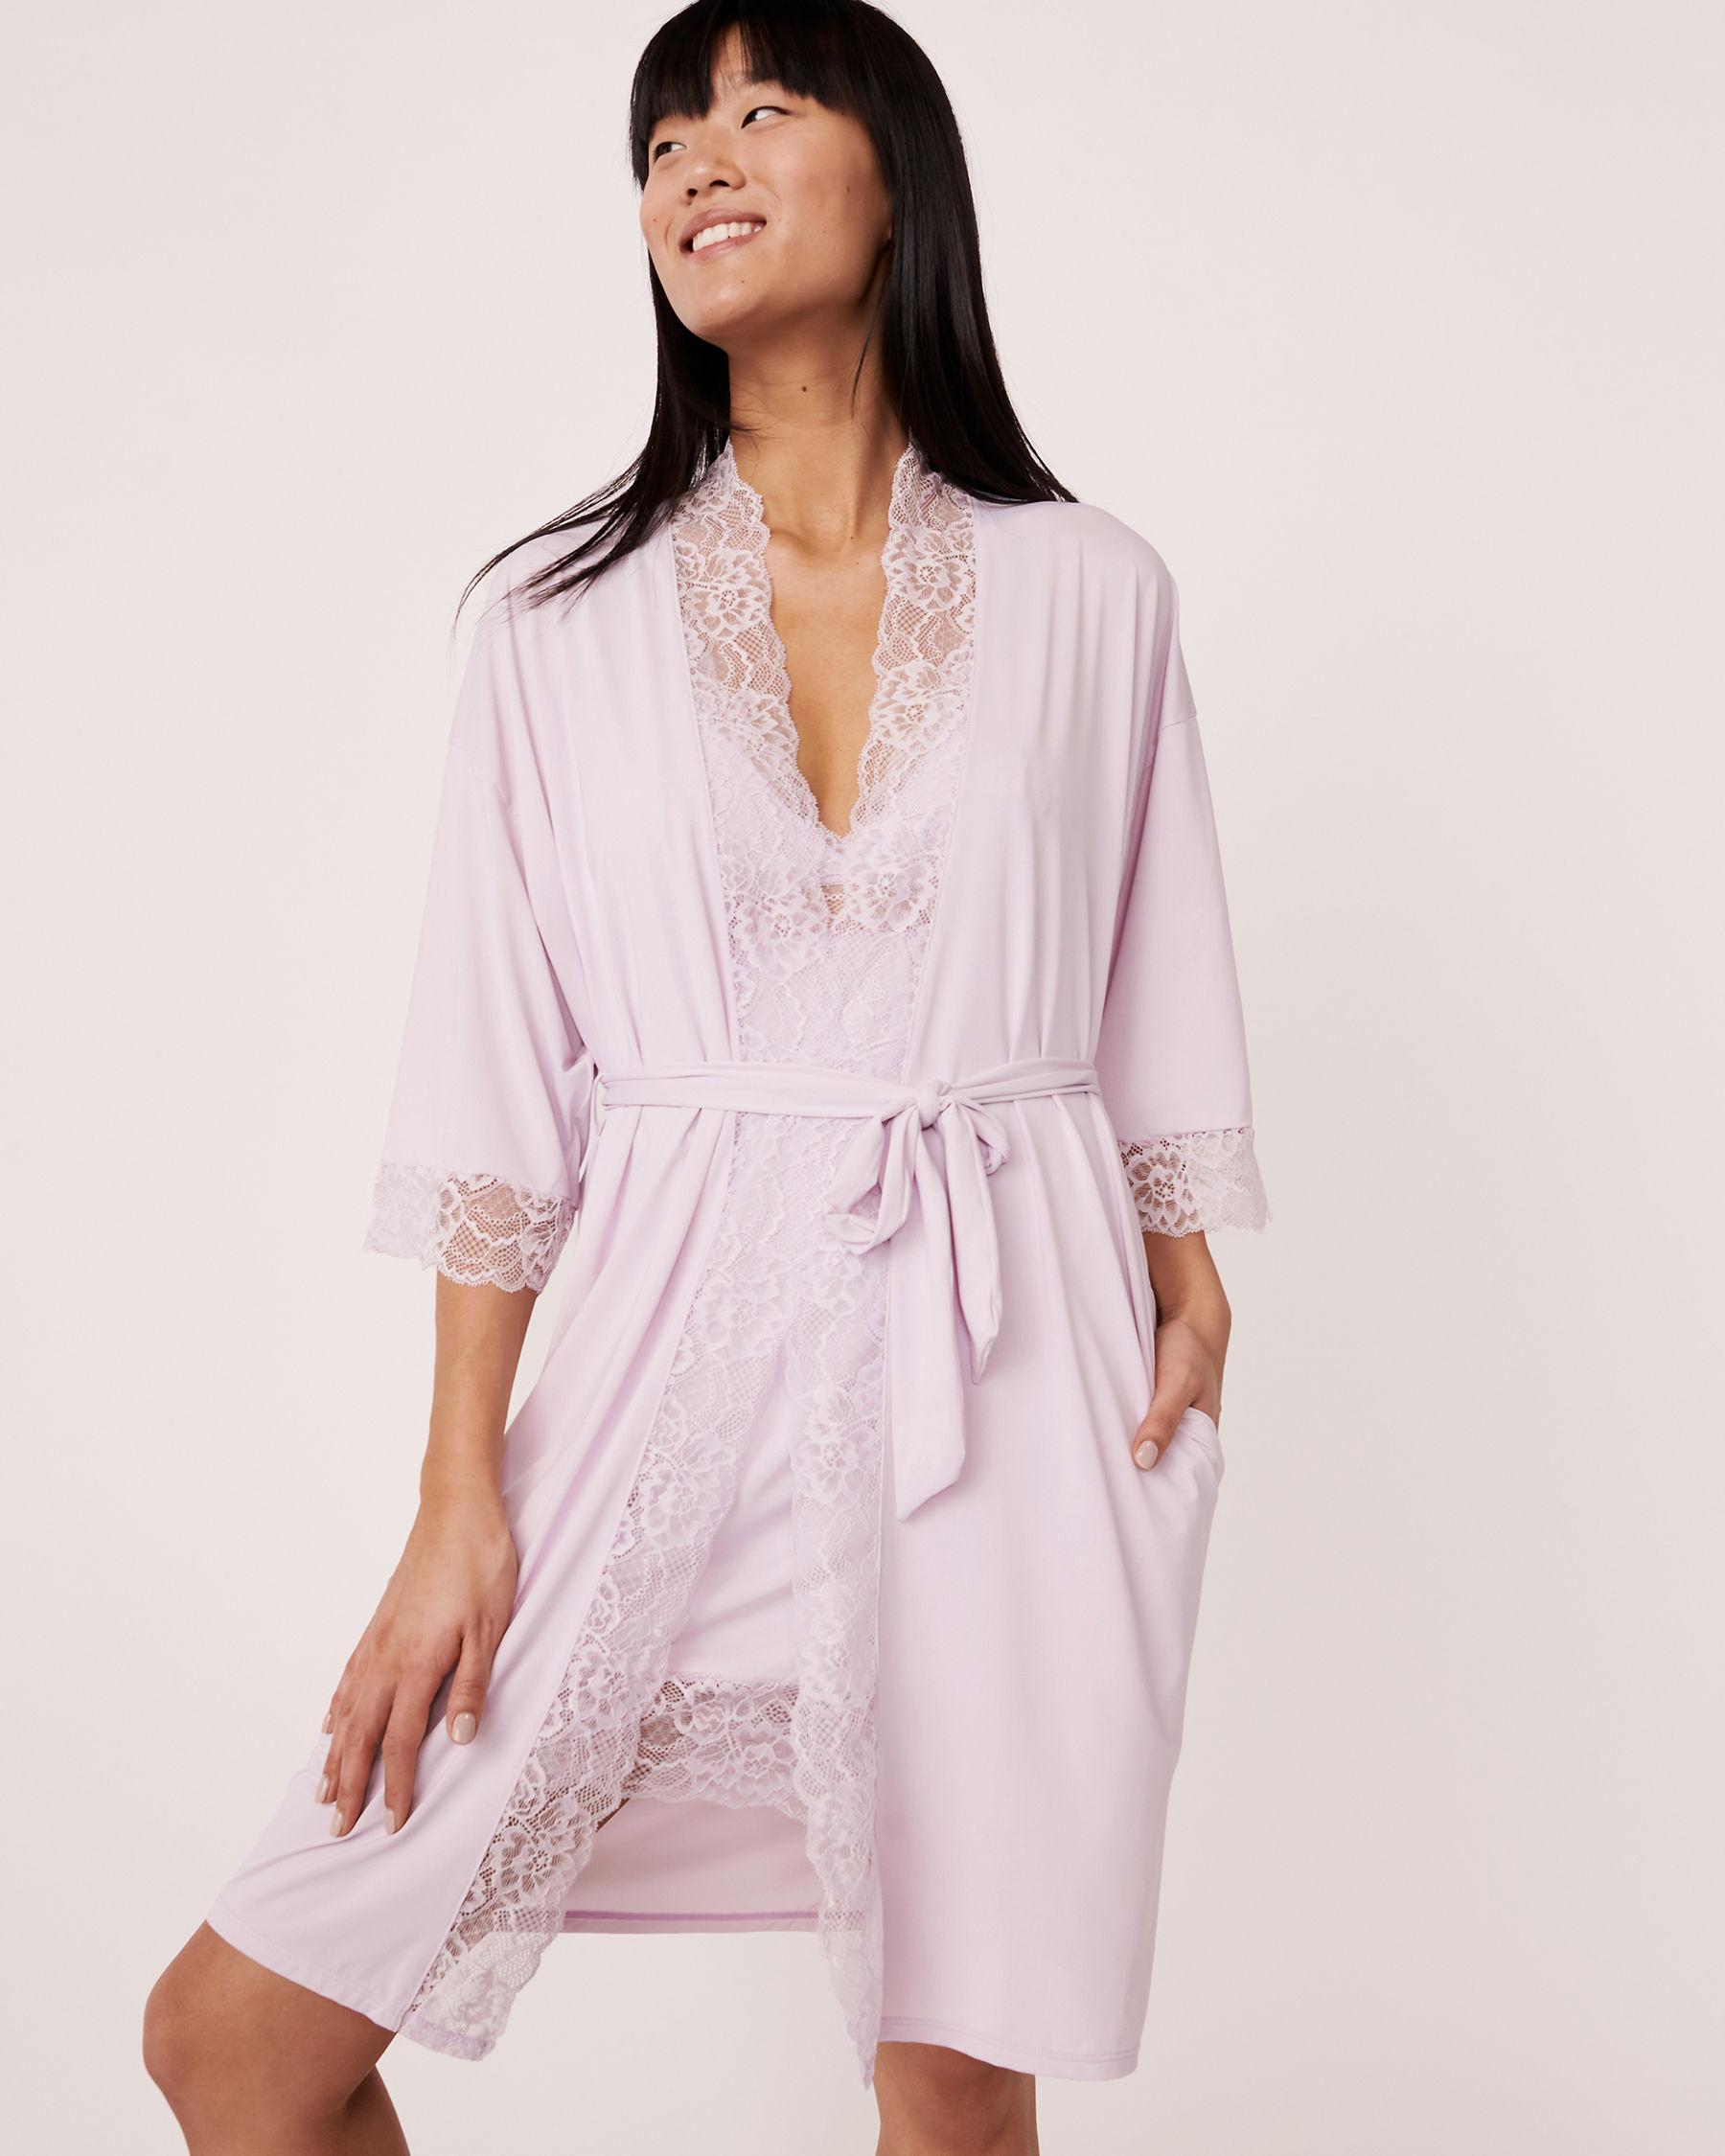 LA VIE EN ROSE Kimono garniture de dentelle Lilas 60600002 - Voir2